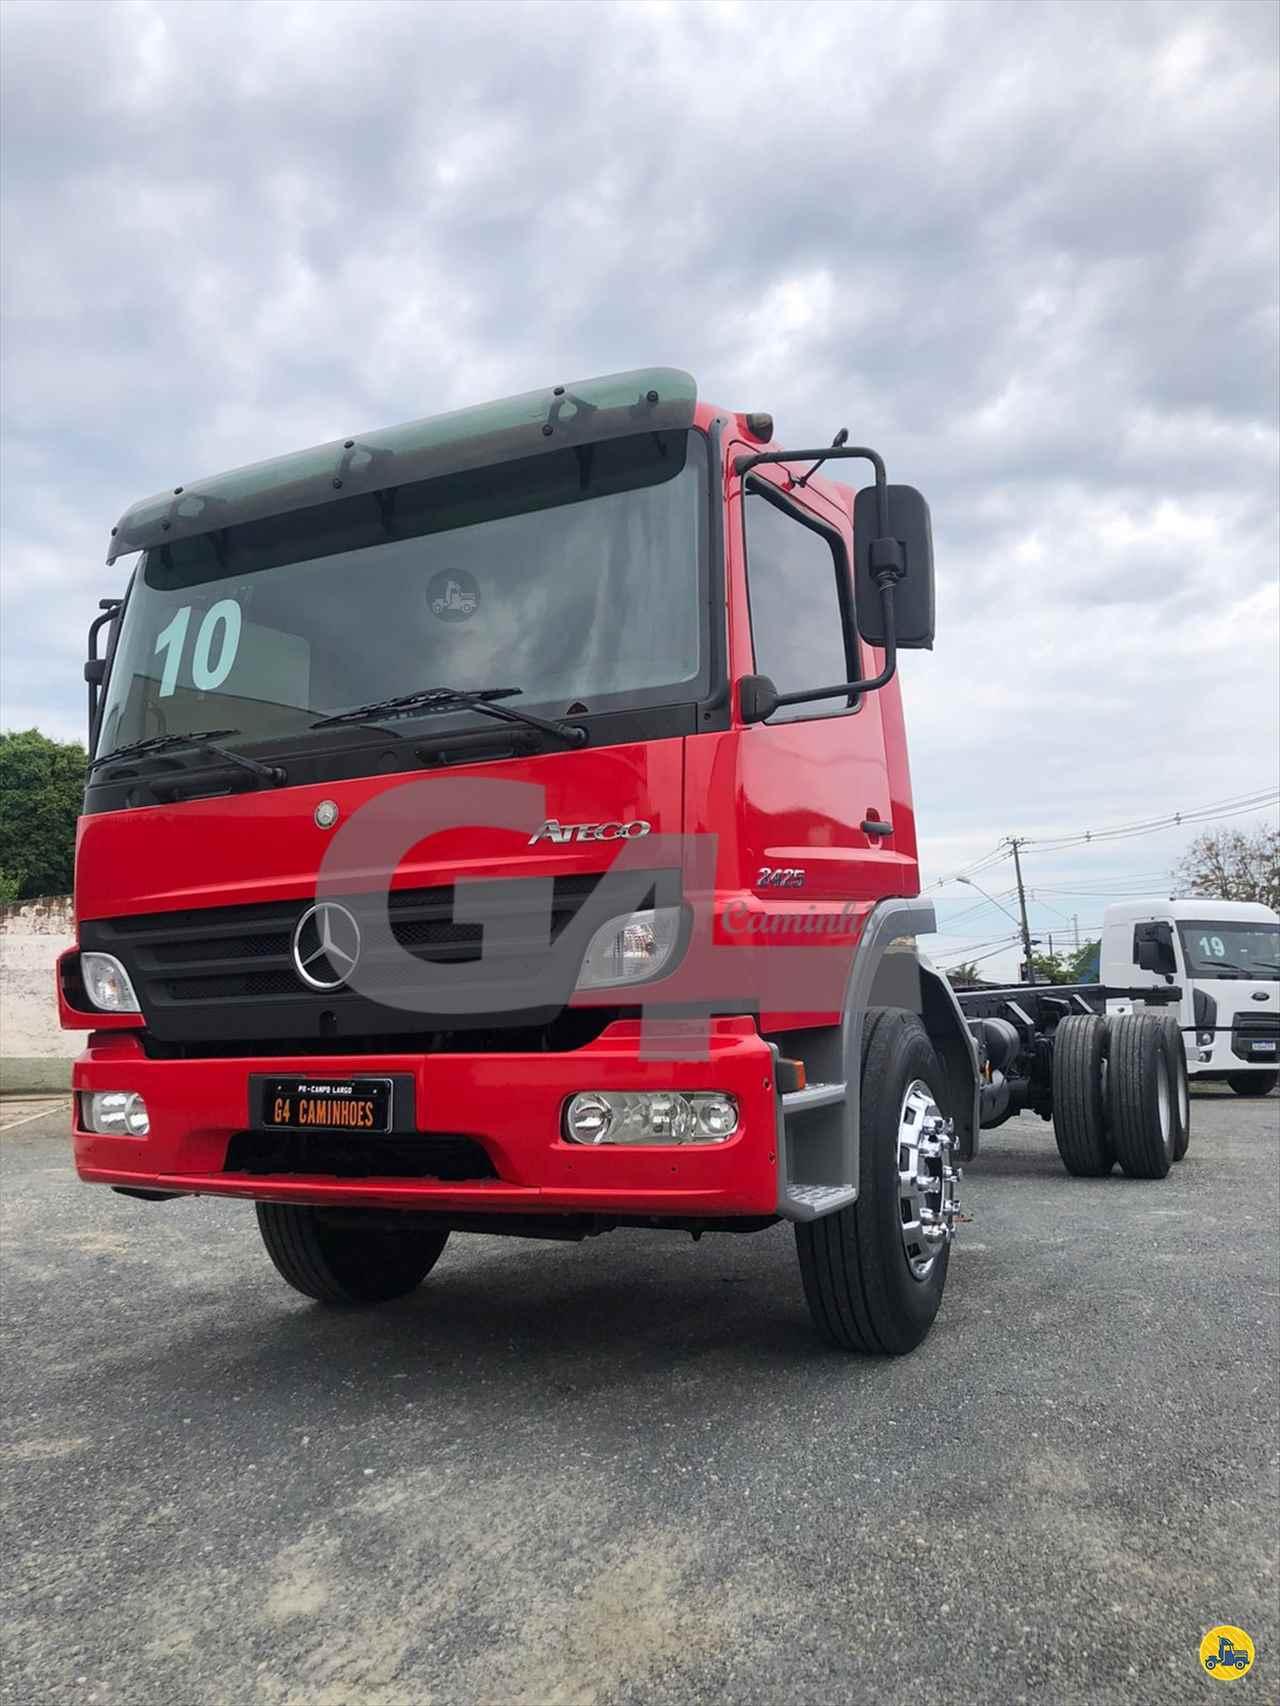 CAMINHAO MERCEDES-BENZ MB 2425 Chassis Truck 6x2 G4 Caminhões CAMPO LARGO PARANÁ PR